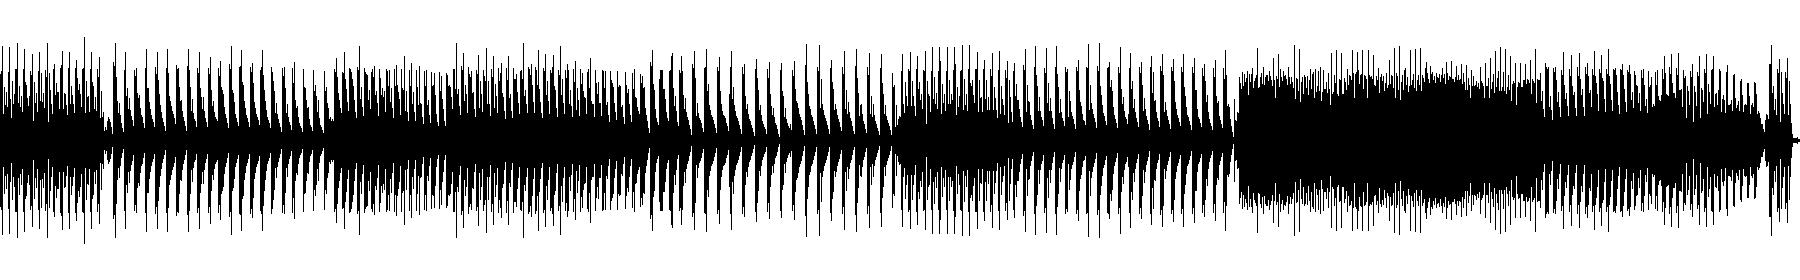 ehp bassloop 130 hardprog c